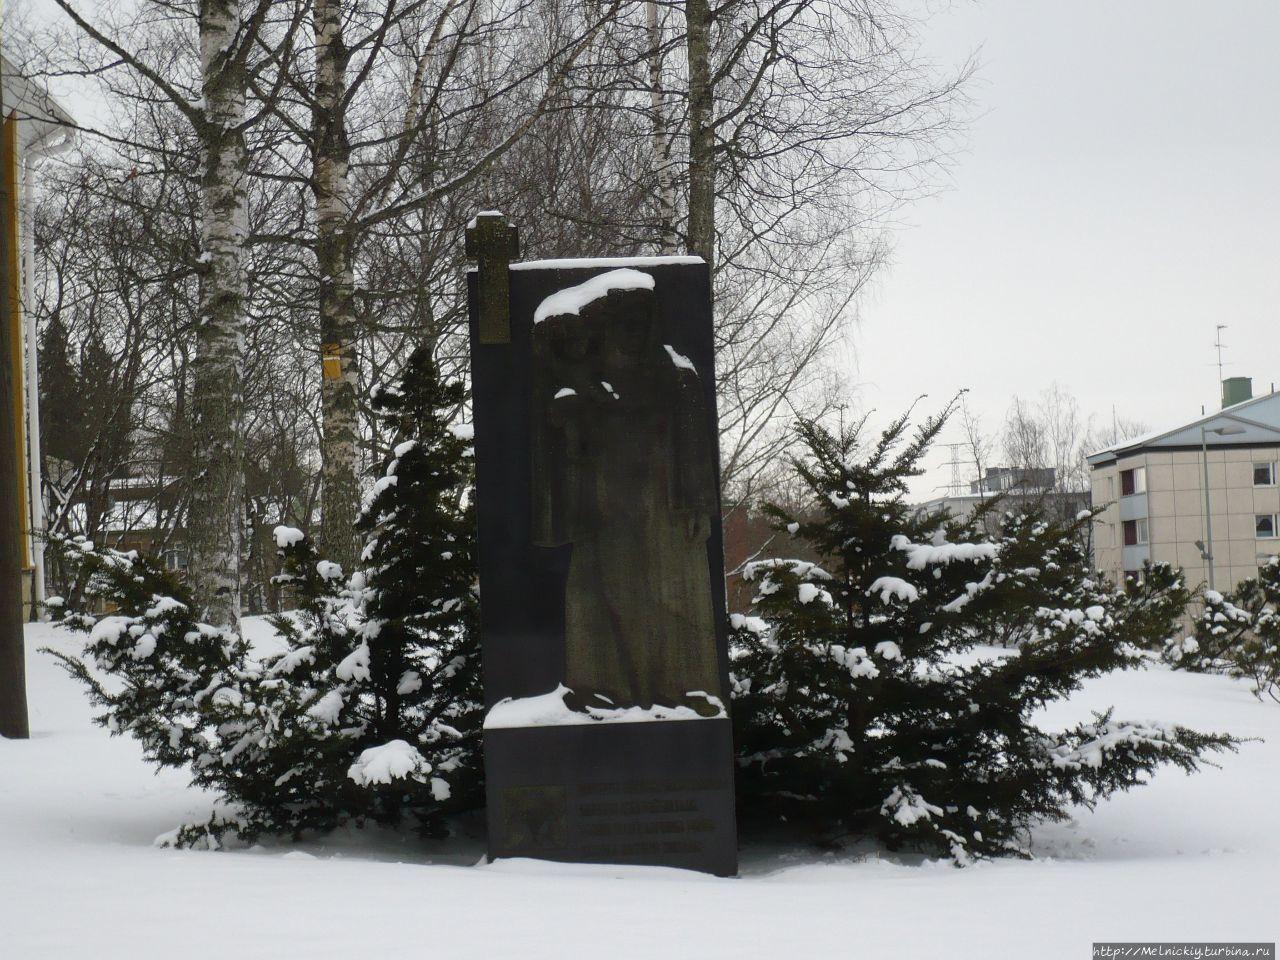 отеле захоронение хяме настола холлола финляндия фото нормальных